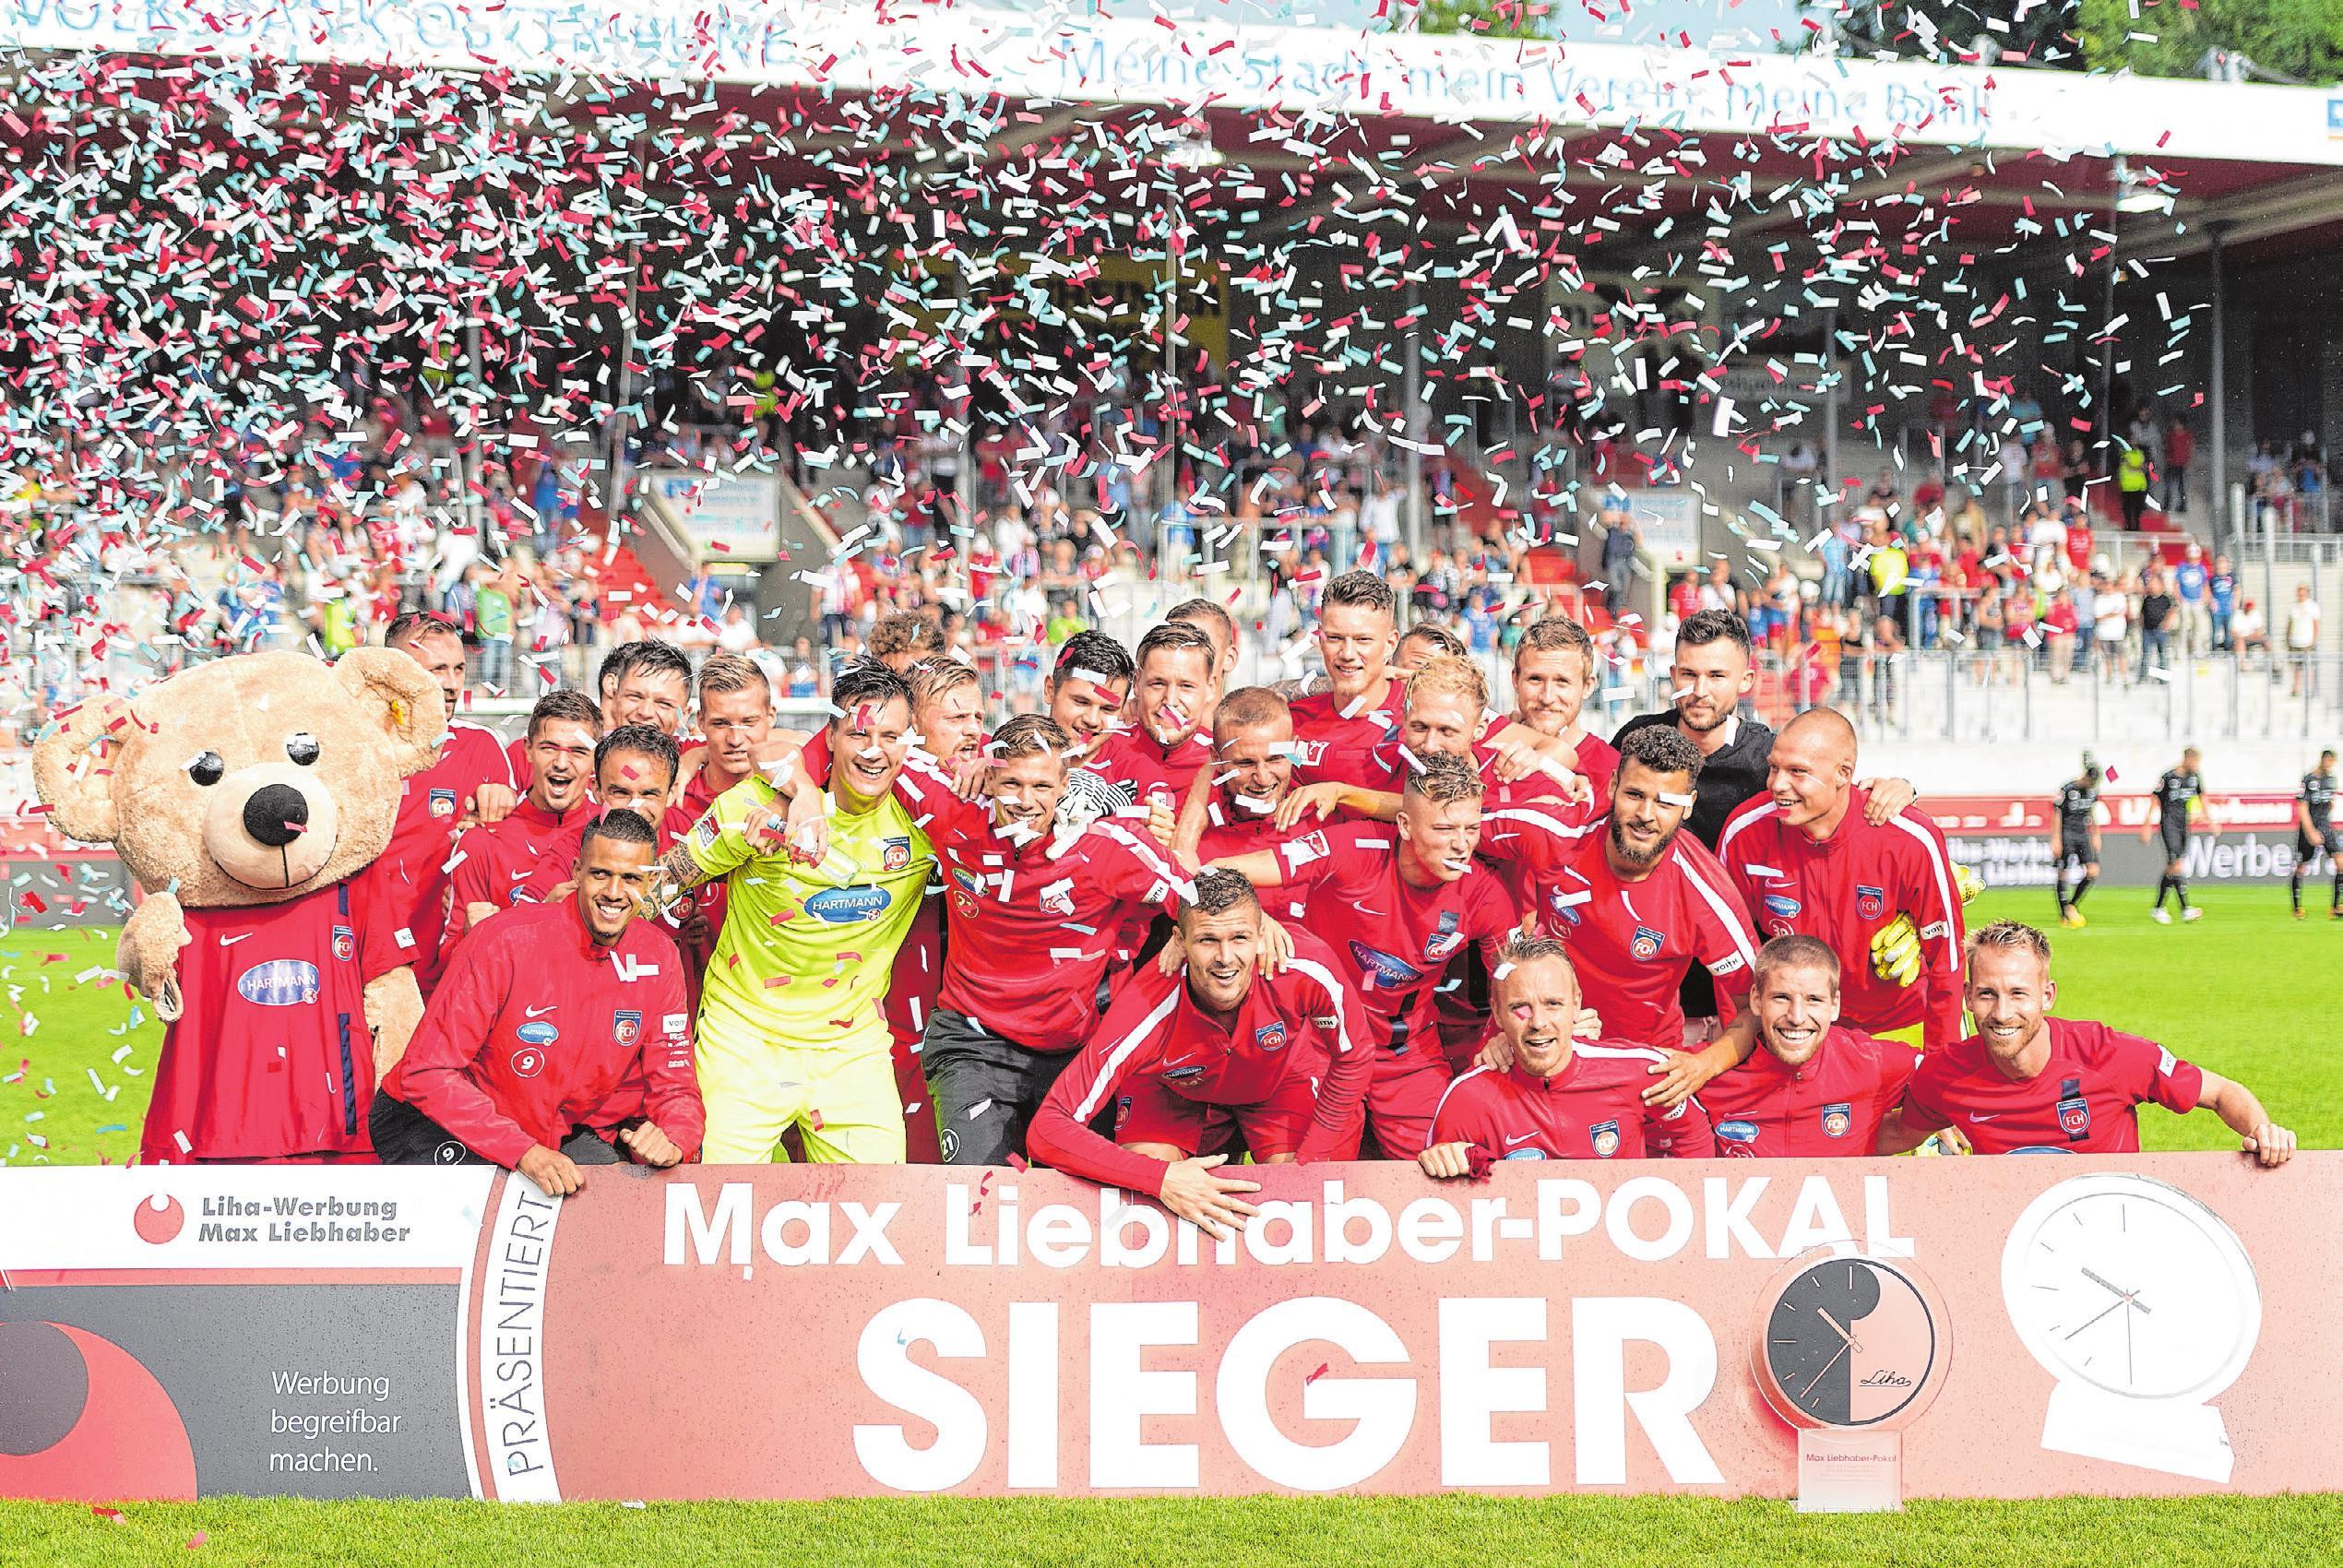 Letztmals gewann der 1. FC Heidenheim 1846 im Juli 2017 den traditionellen Max Liebhaber-Pokal anlässlich der Saisoneröffnung in der Voith-Arena, damals gegen den VfB Stuttgart. Im vergangenen Jahr unterlag der FCH nach Elfmeterschießen Hellas Verona.